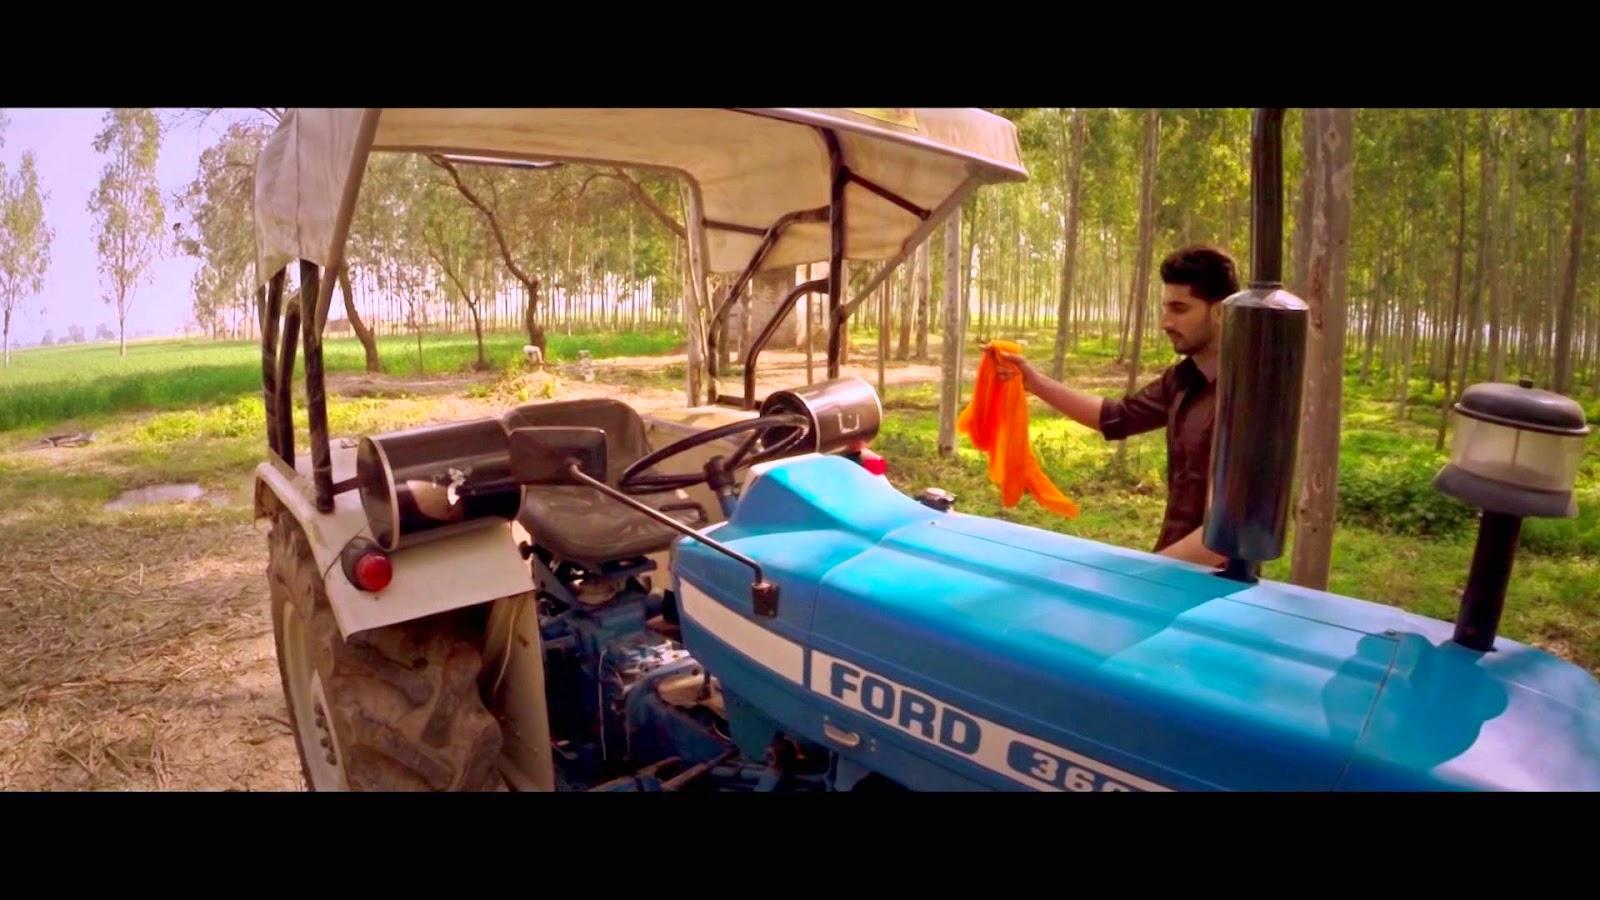 Ford v/s Ford By Shivjot Mp3 Song & Lyrics